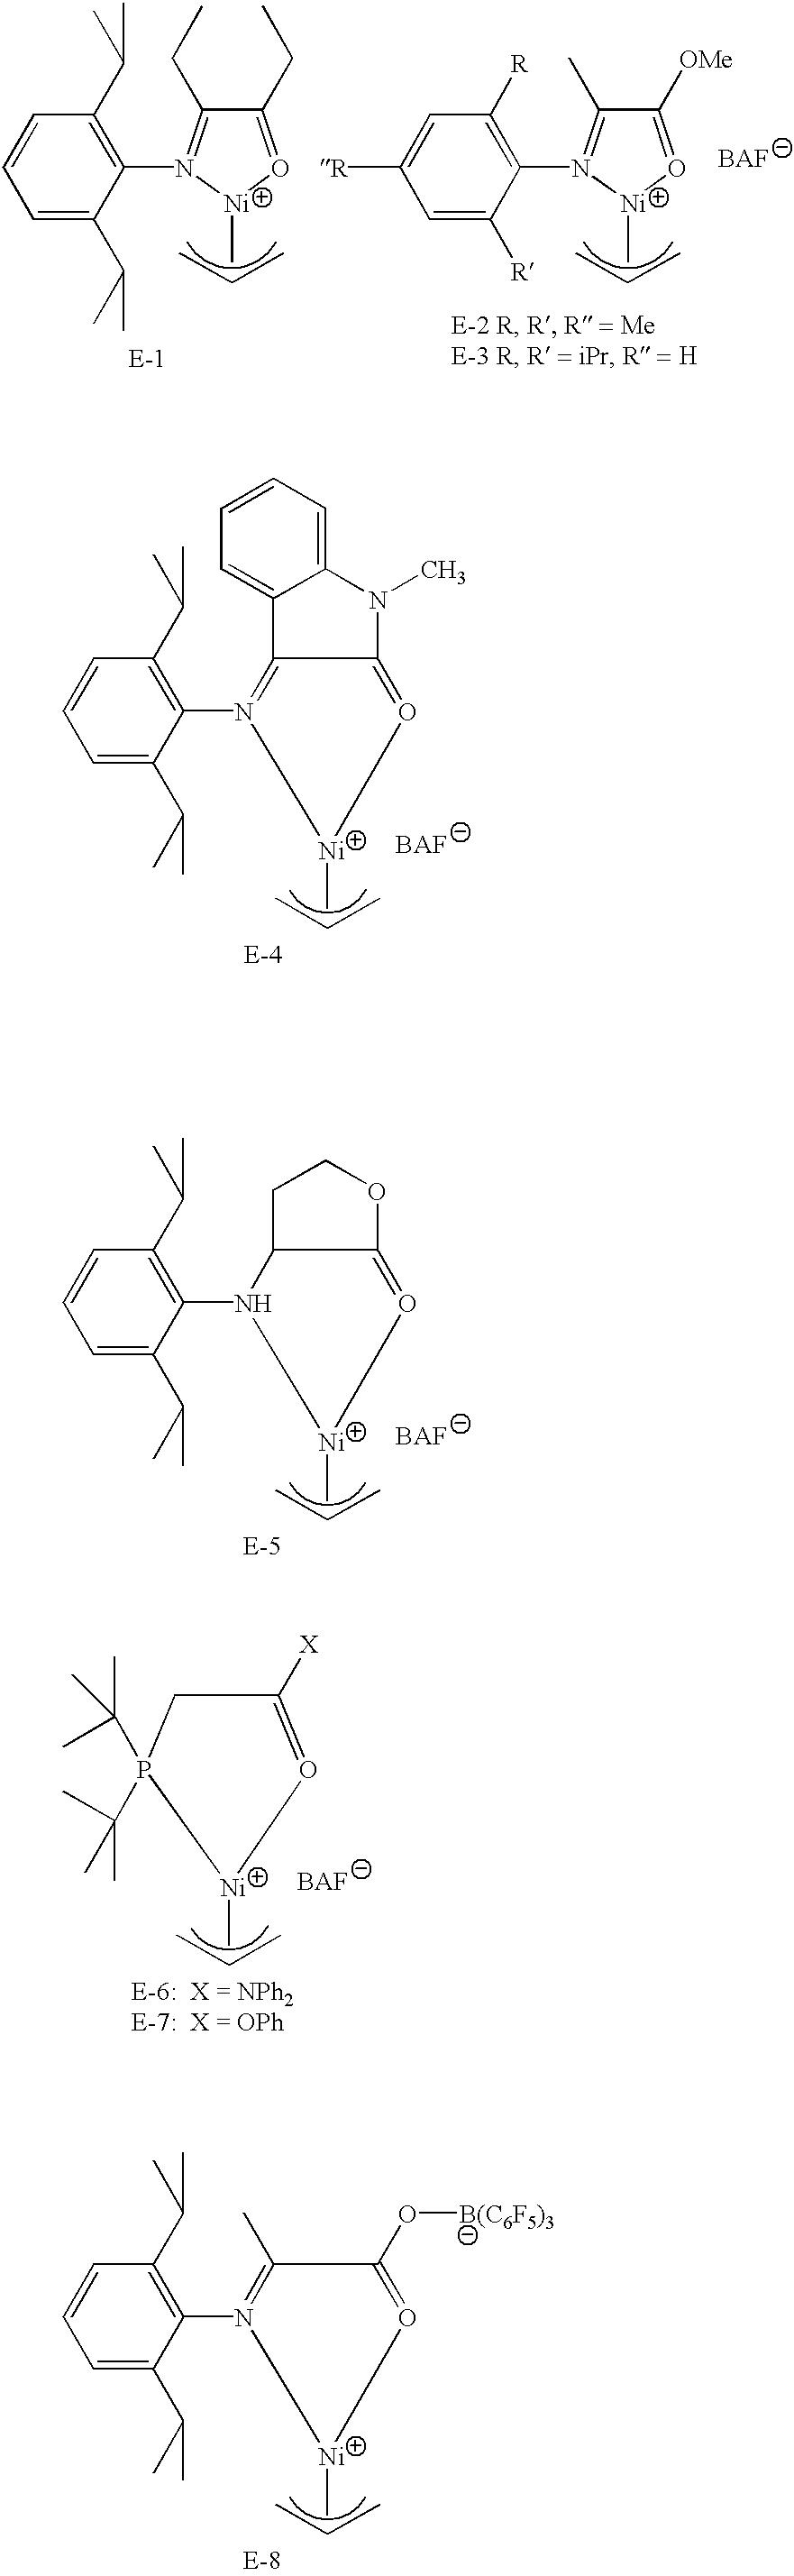 Figure US20030130452A1-20030710-C00013